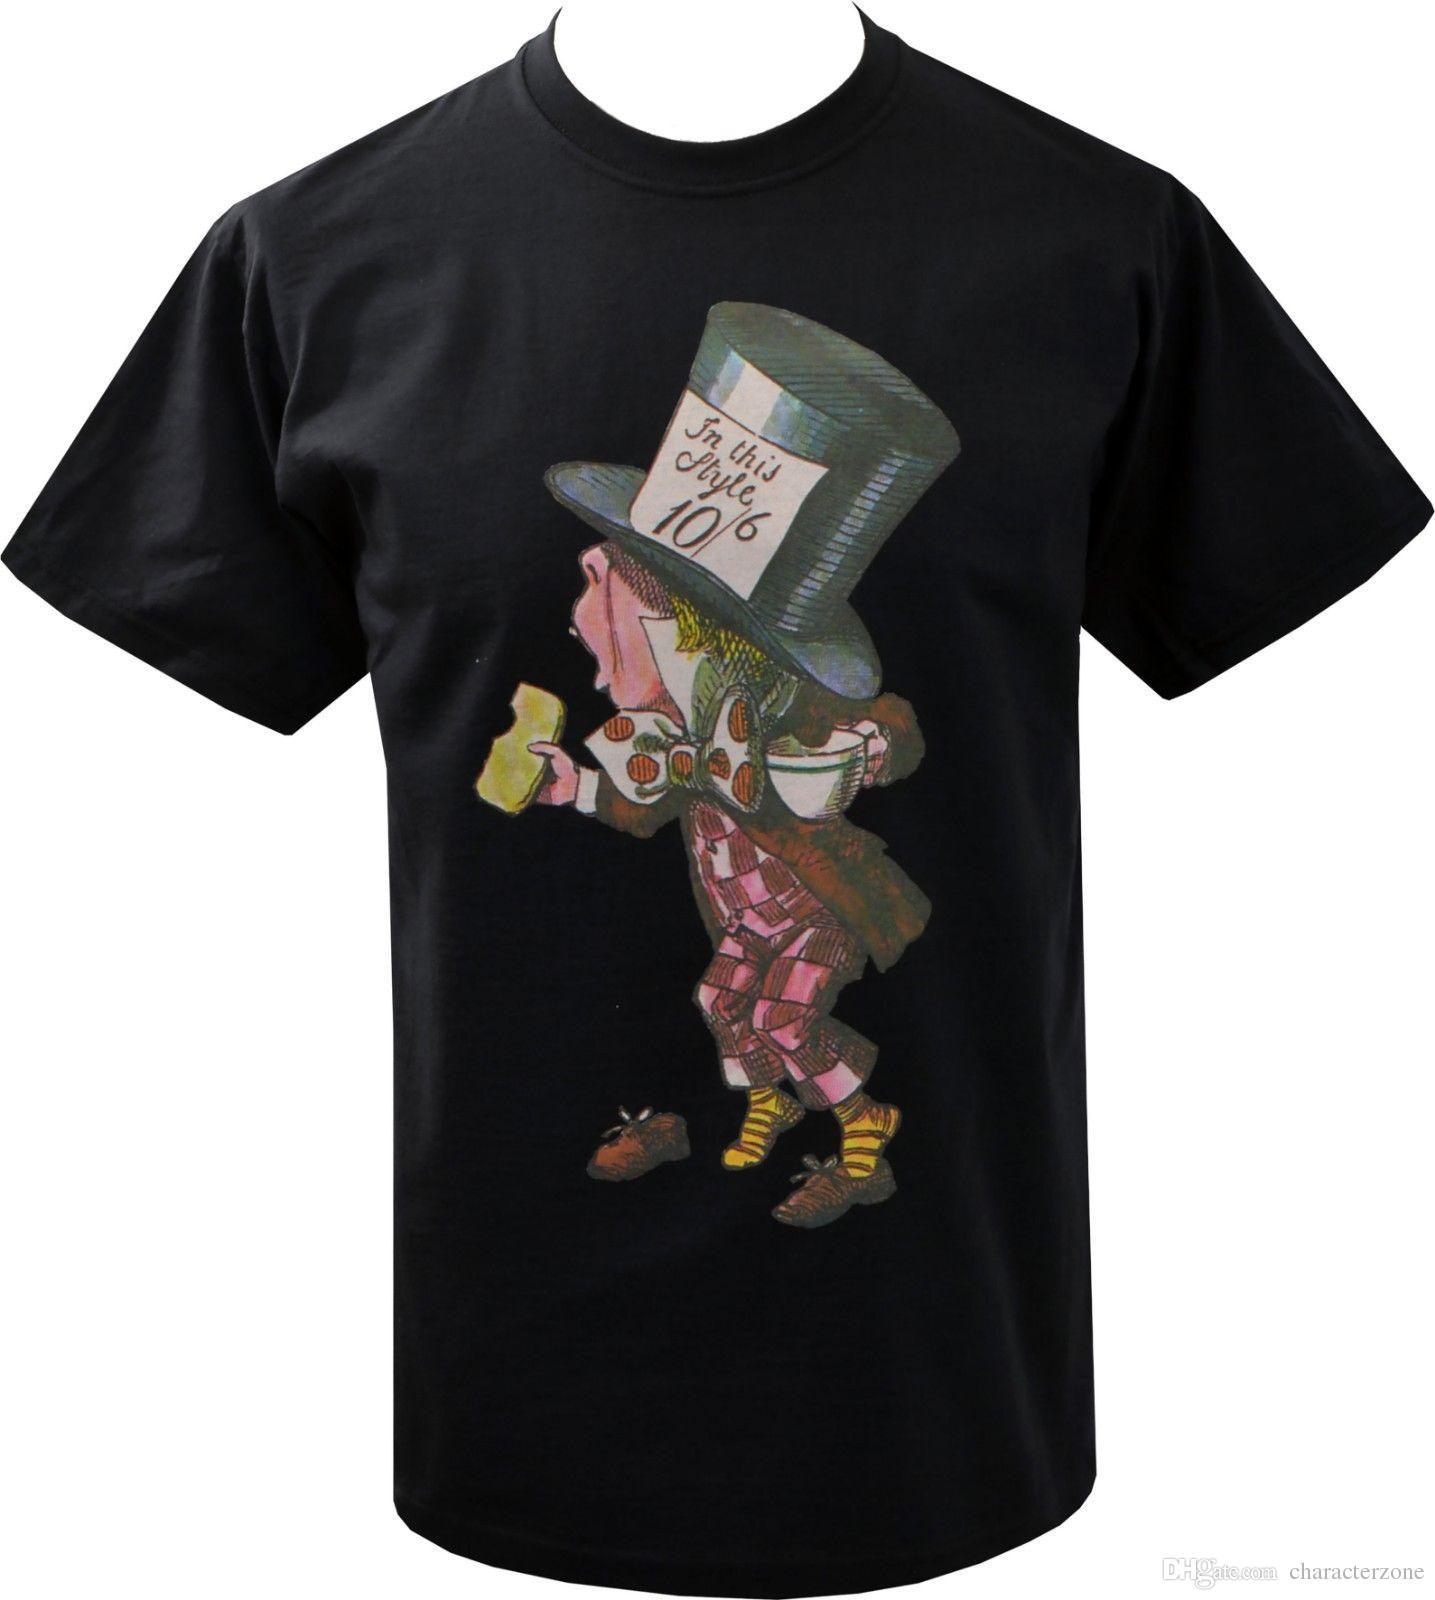 Alice Im Wunderland Print T-shirt Schwarz Wir Sind Verrückte Hier Kurzarm T-shirt Sommer Oberteile Und T-shirts